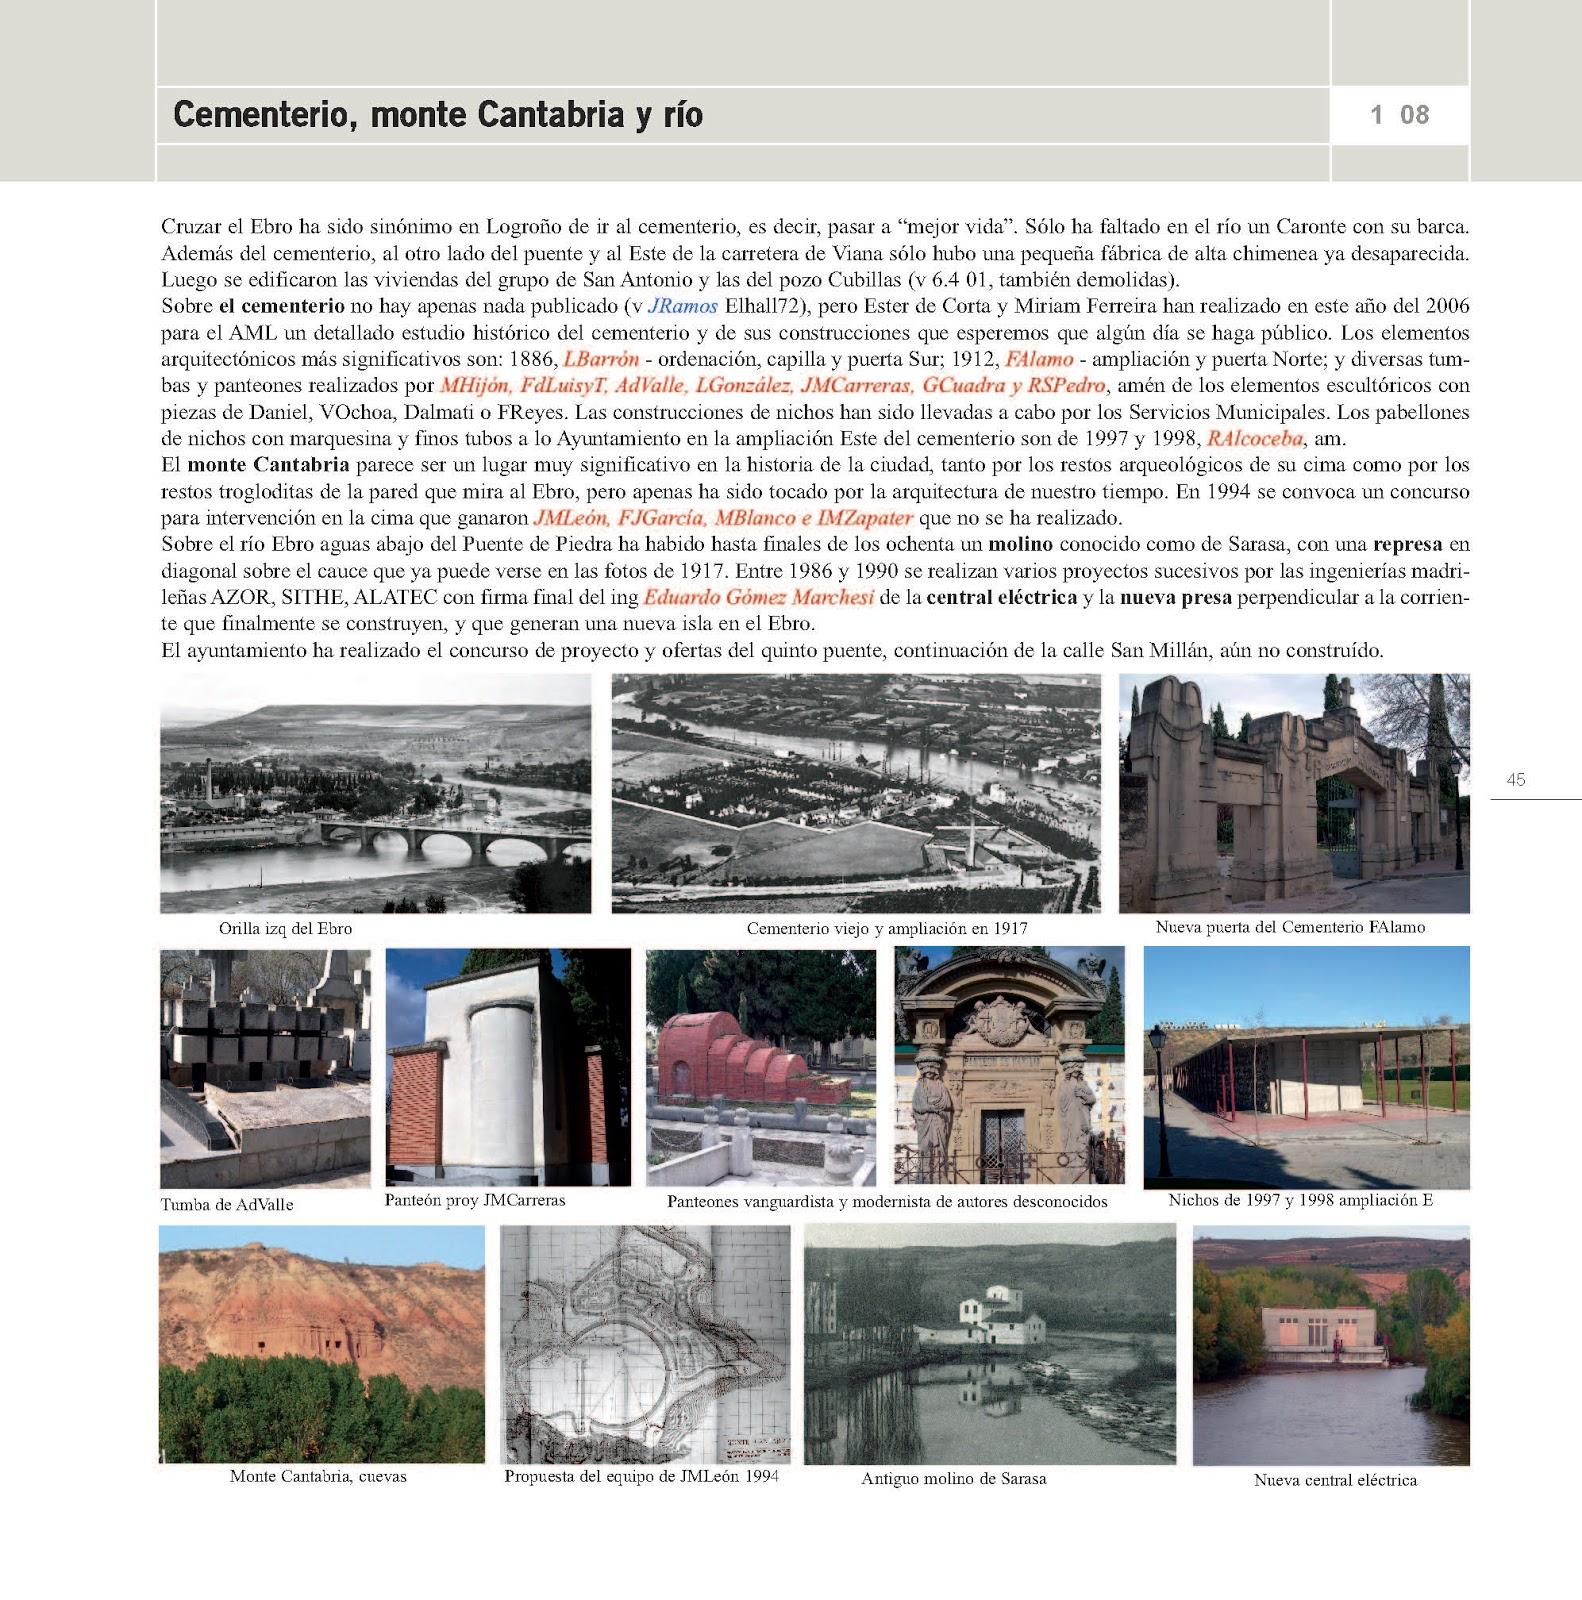 Guia De Arquitectura De Logro O Paginas Cementerio